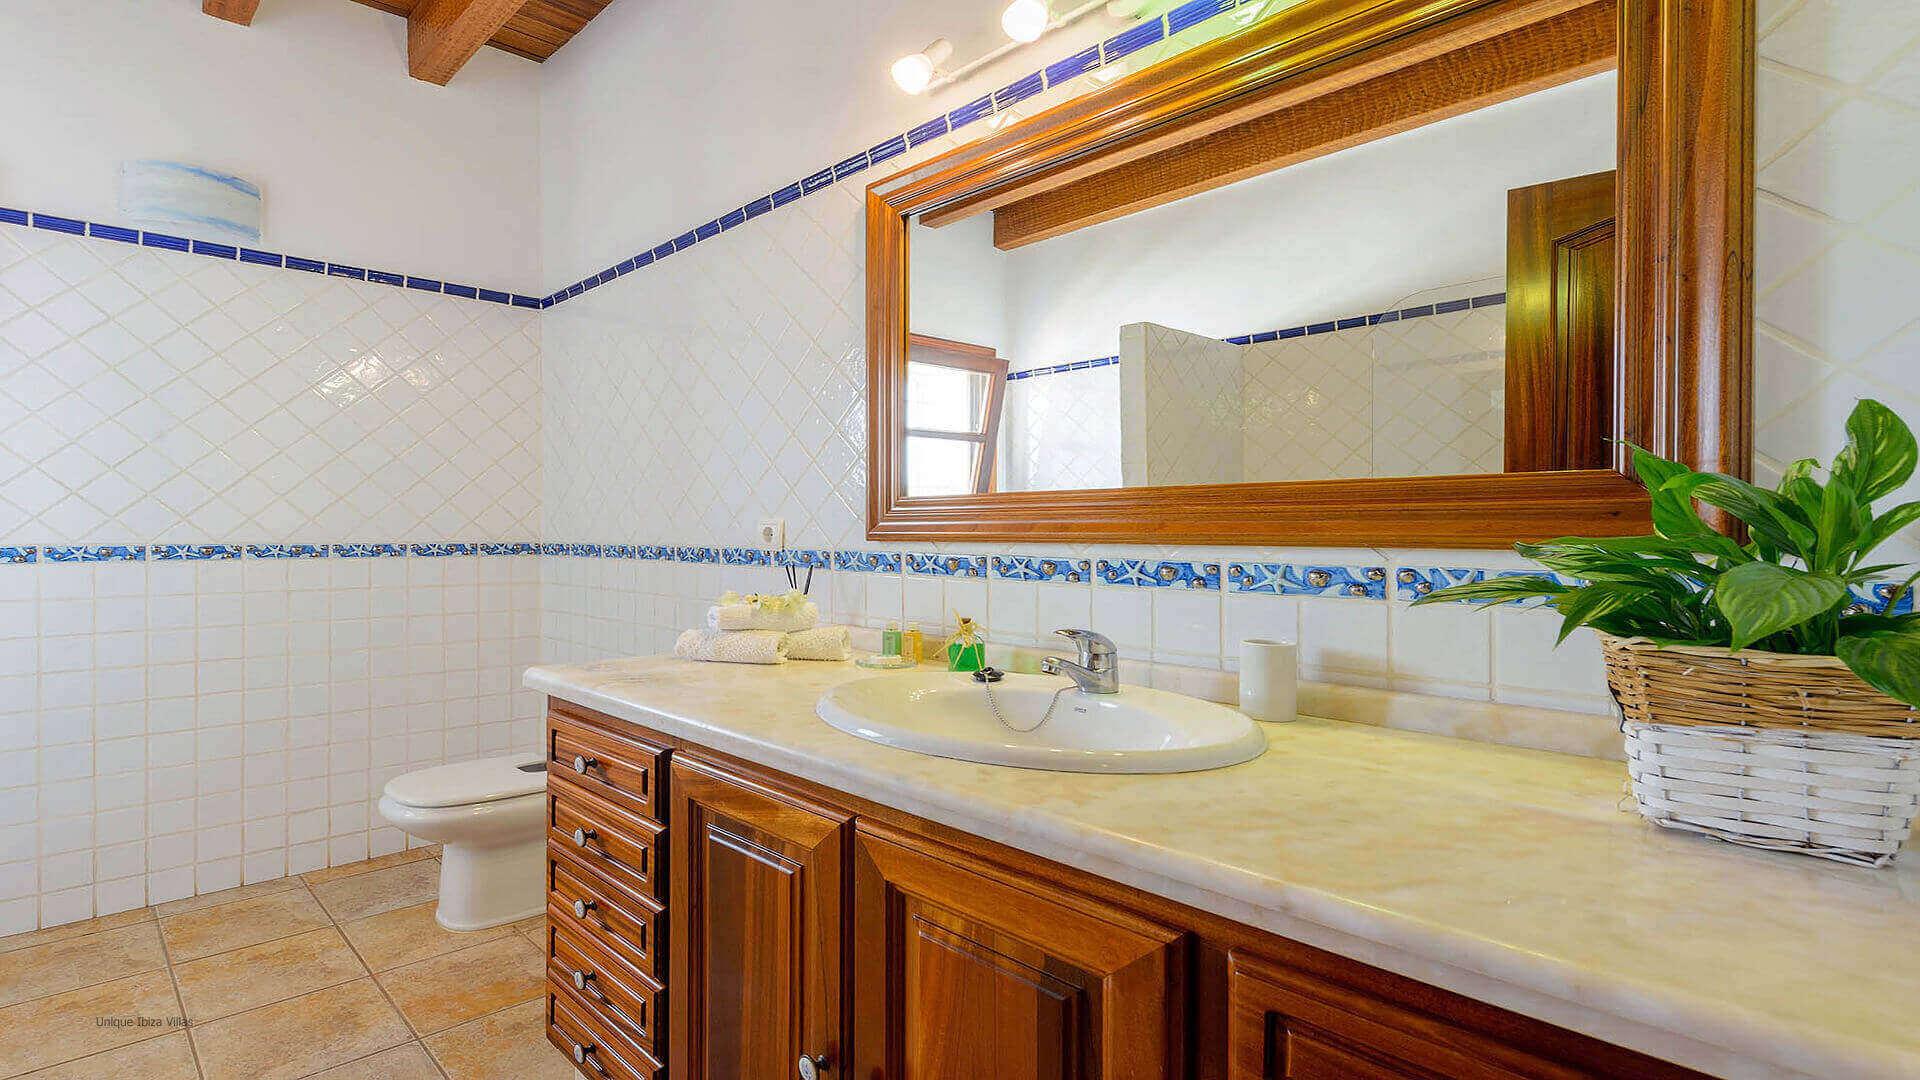 Curreu III Ibiza 43 Bathroom 1